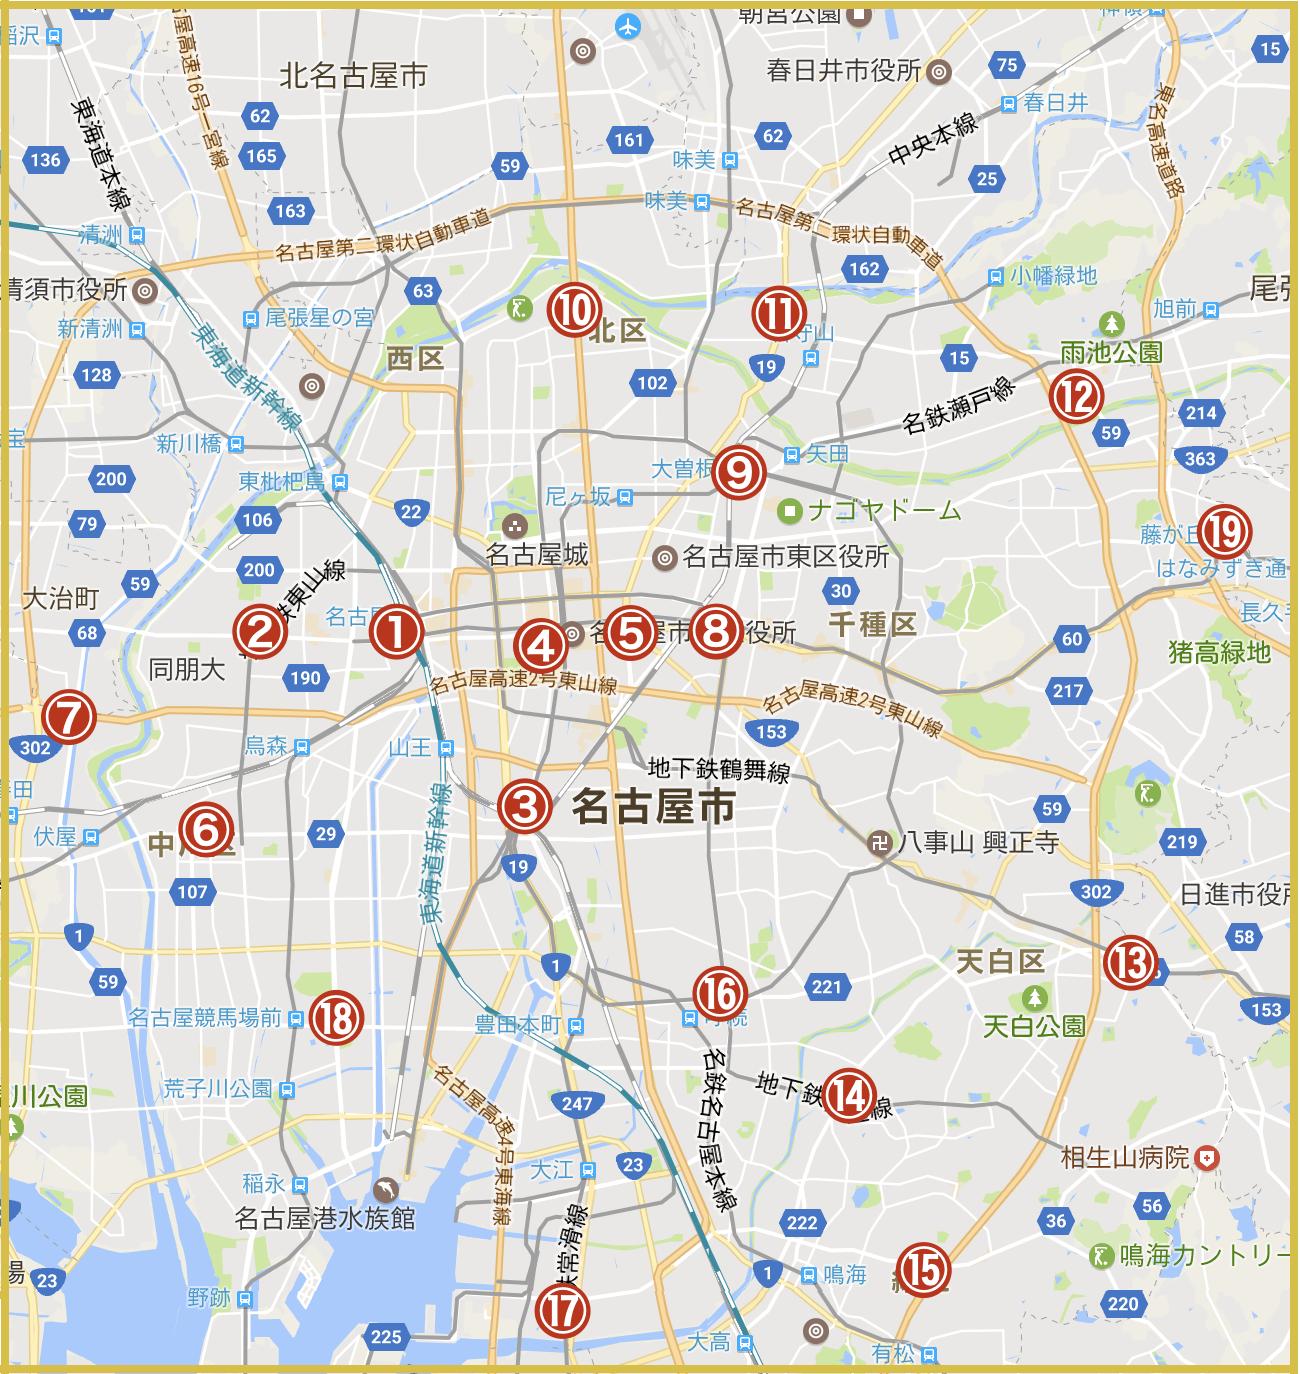 名古屋市にあるアイフル店舗・ATMの位置(2020年版)